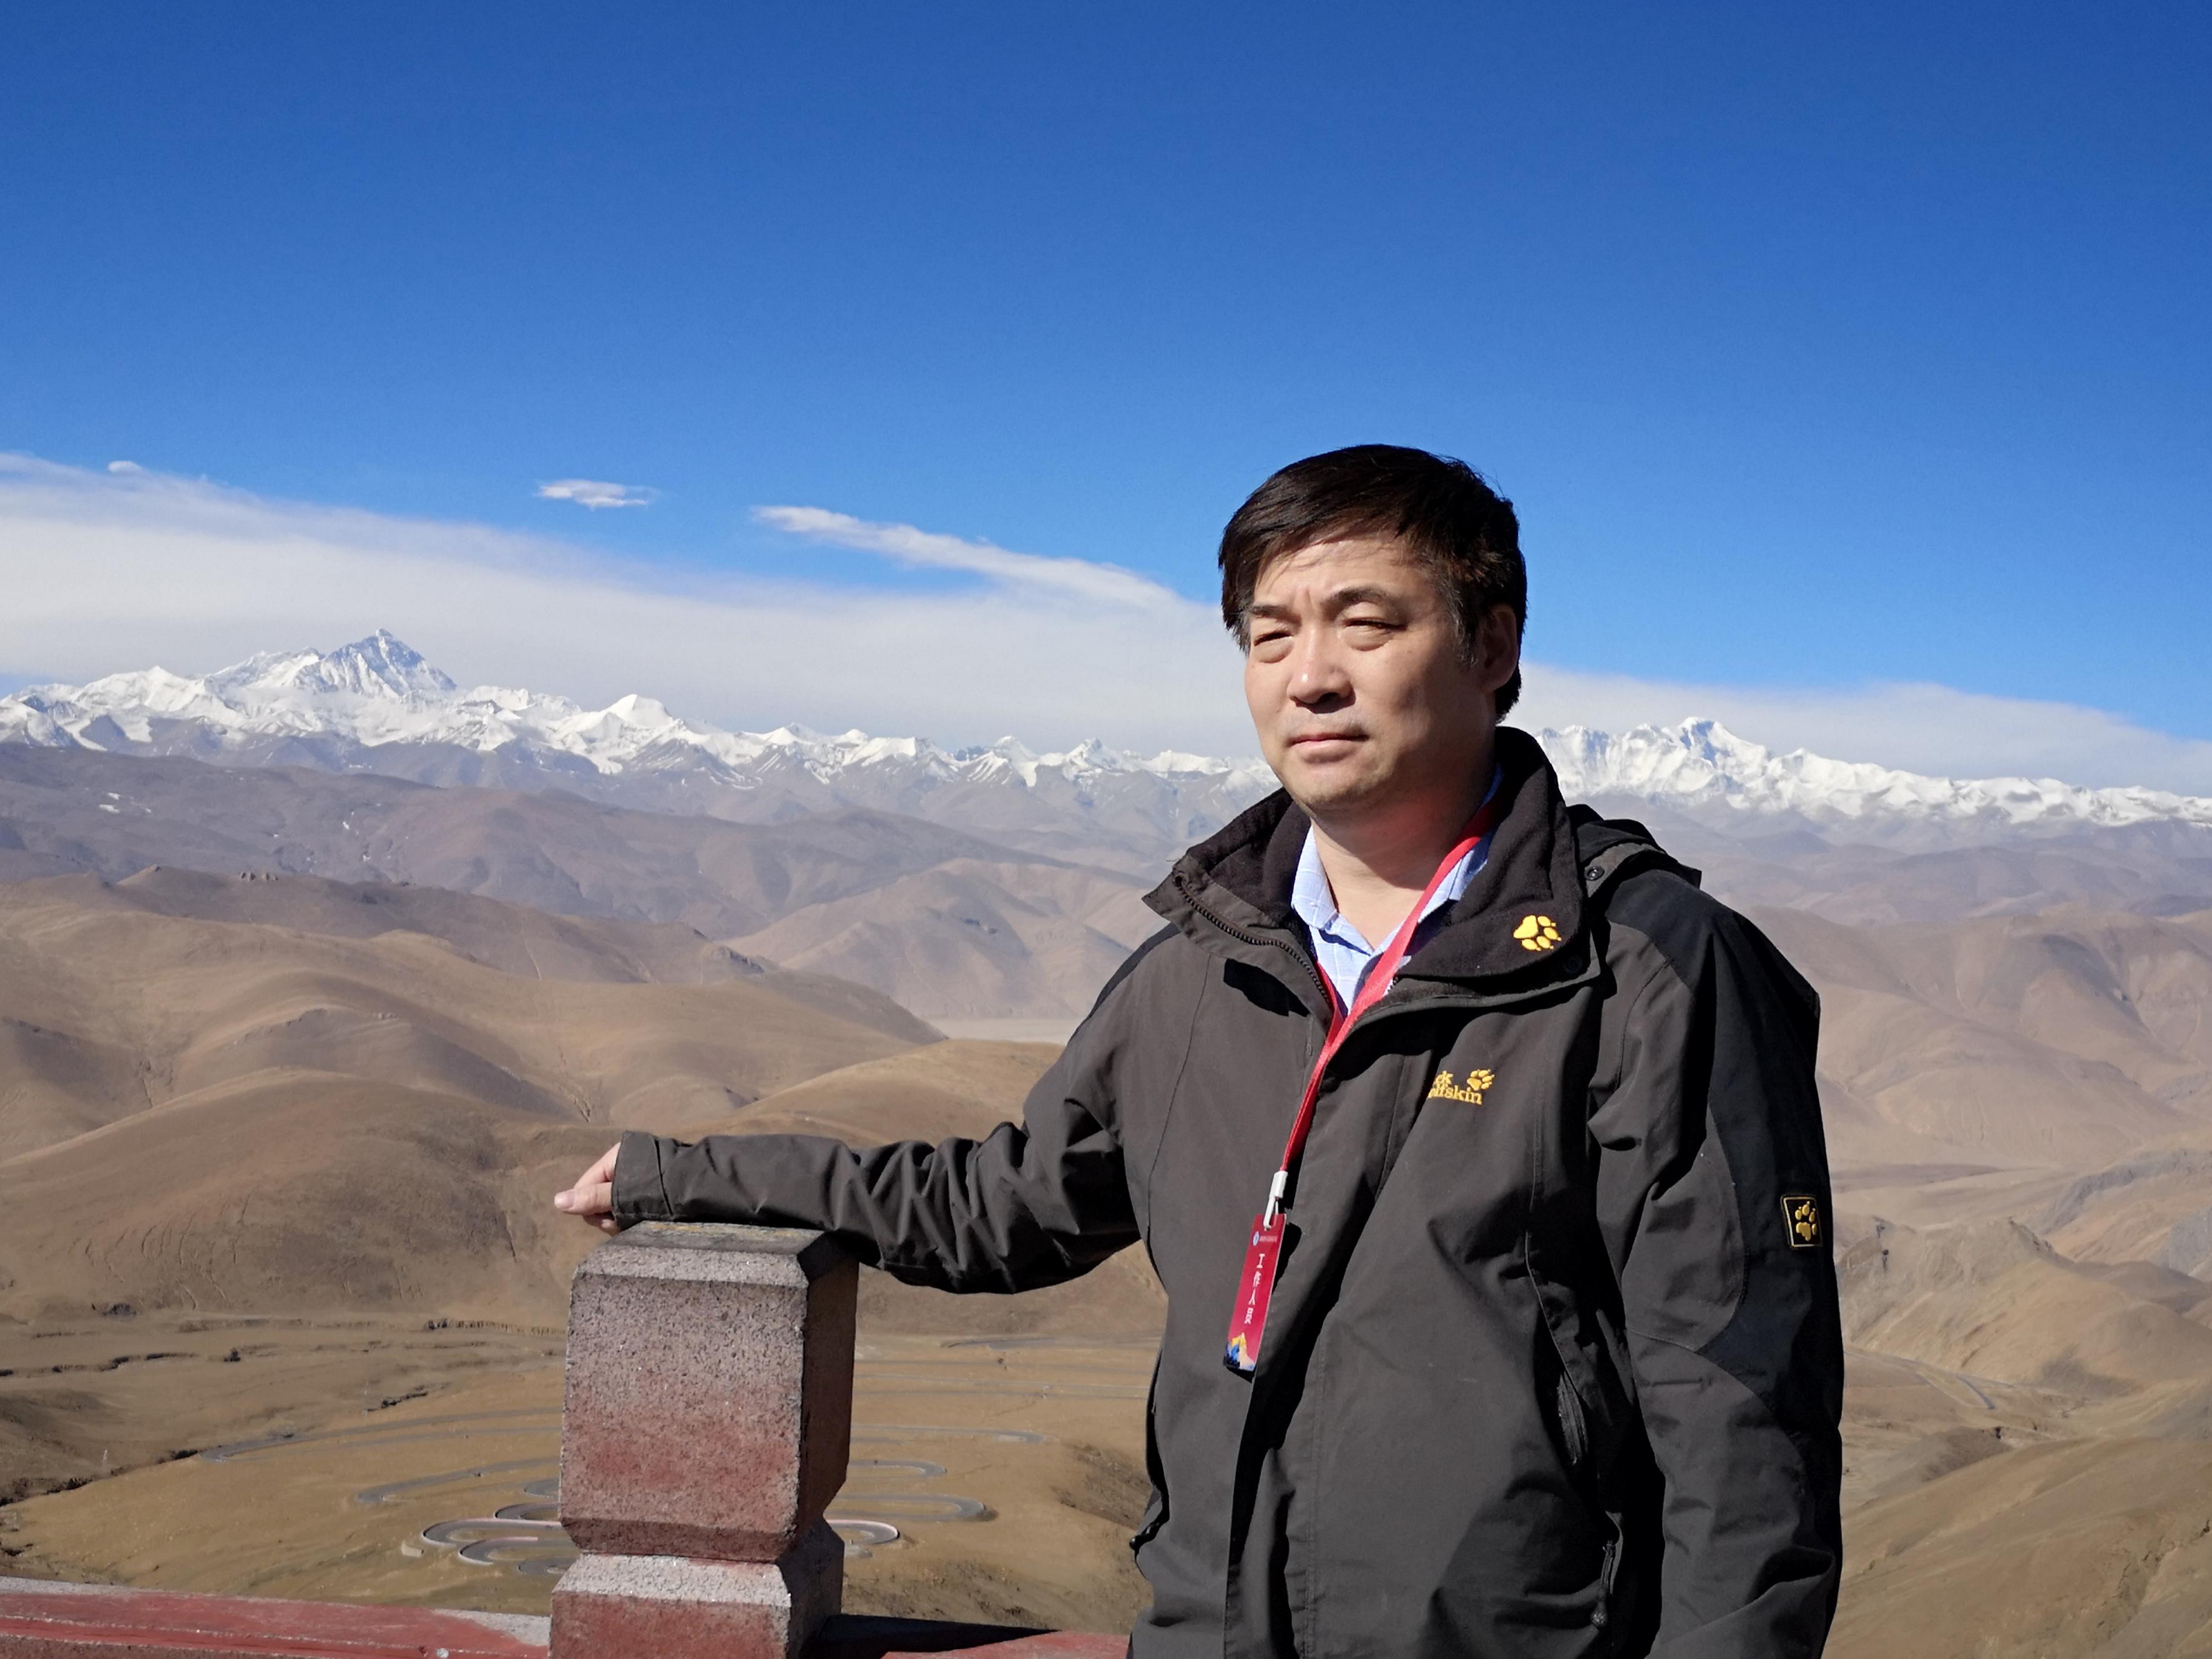 2020珠峰测量技术协调组组长:想对冲击珠峰的前辈说,我们今天不用再那么难了!